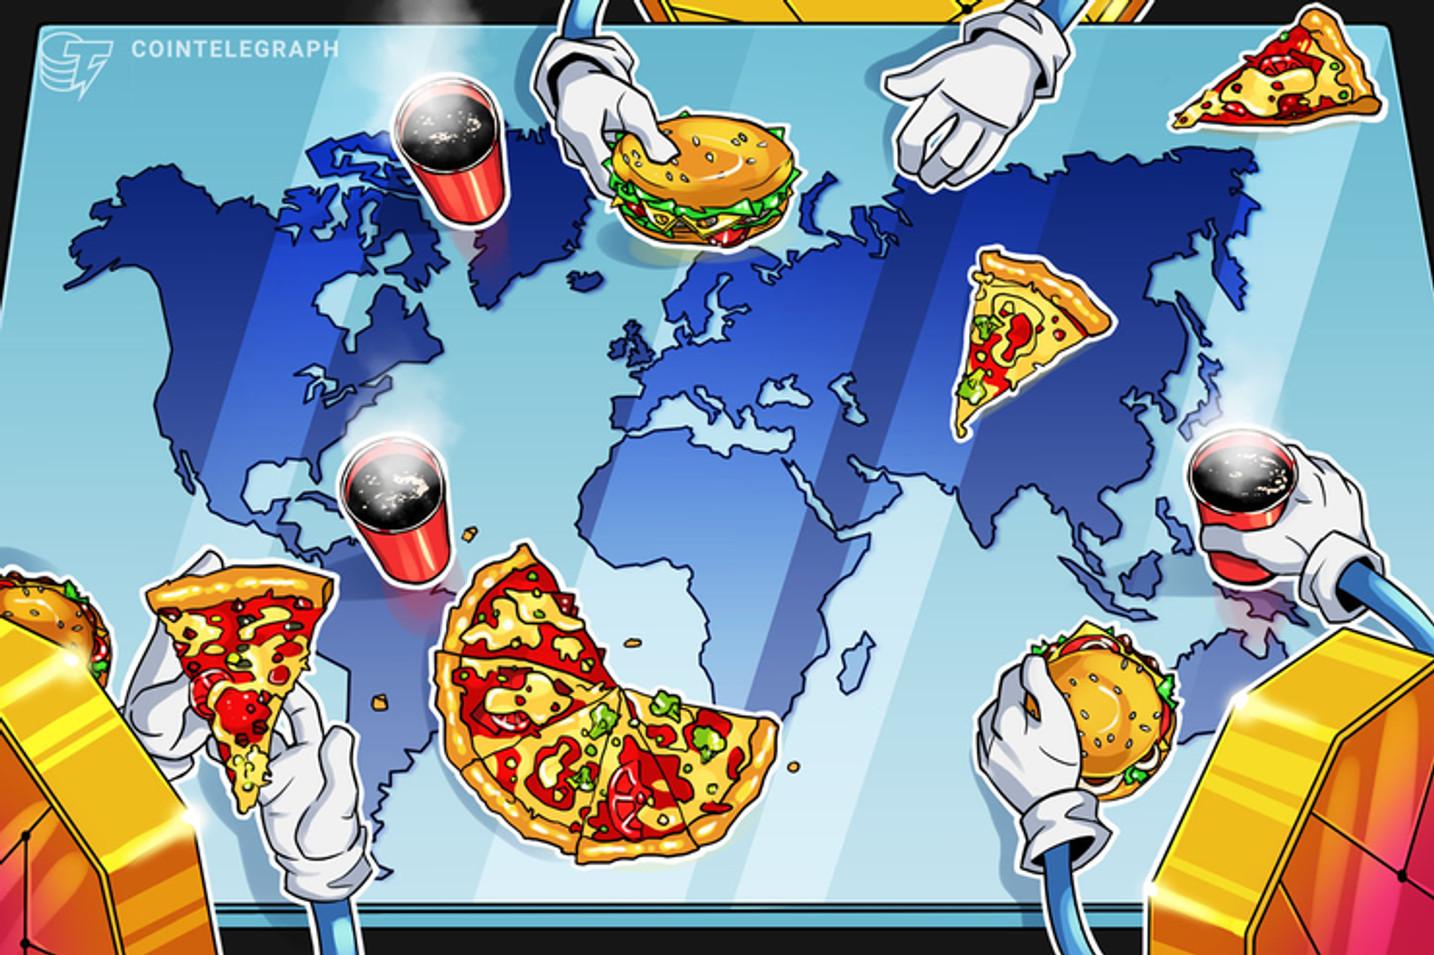 Tiendas de todo el mundo que aceptan criptomonedas, desde pizzas hasta viajes